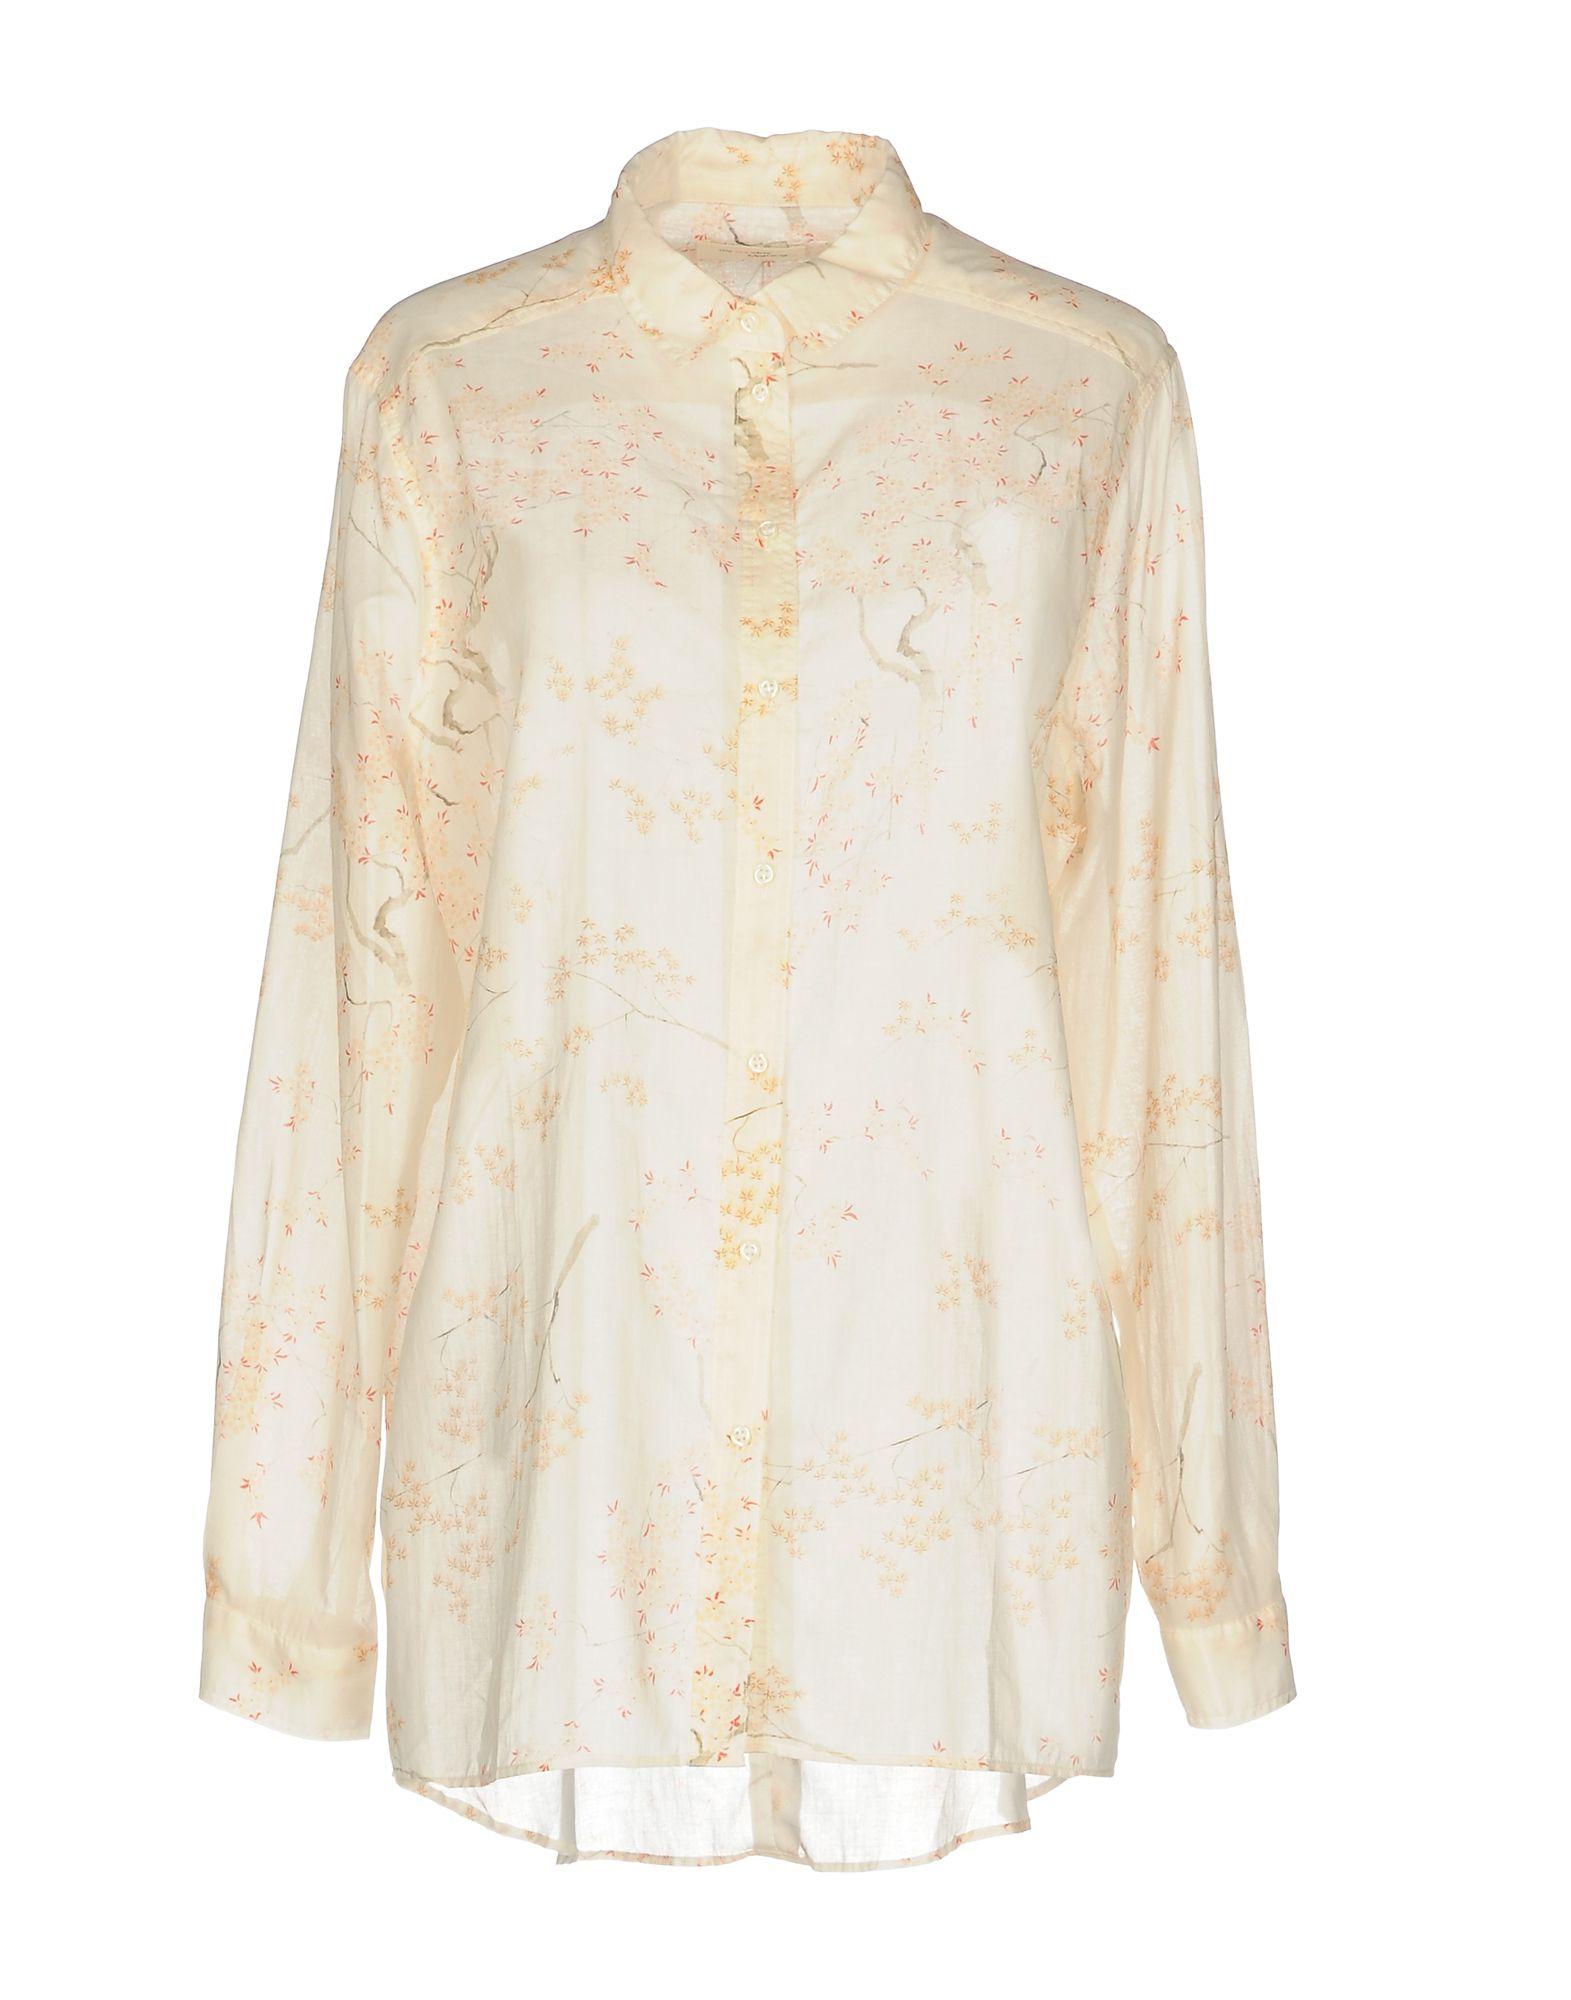 Camicie E Bluse A Fiori My Sunday Morning ... Donna - Acquista online su cifun8yXxw